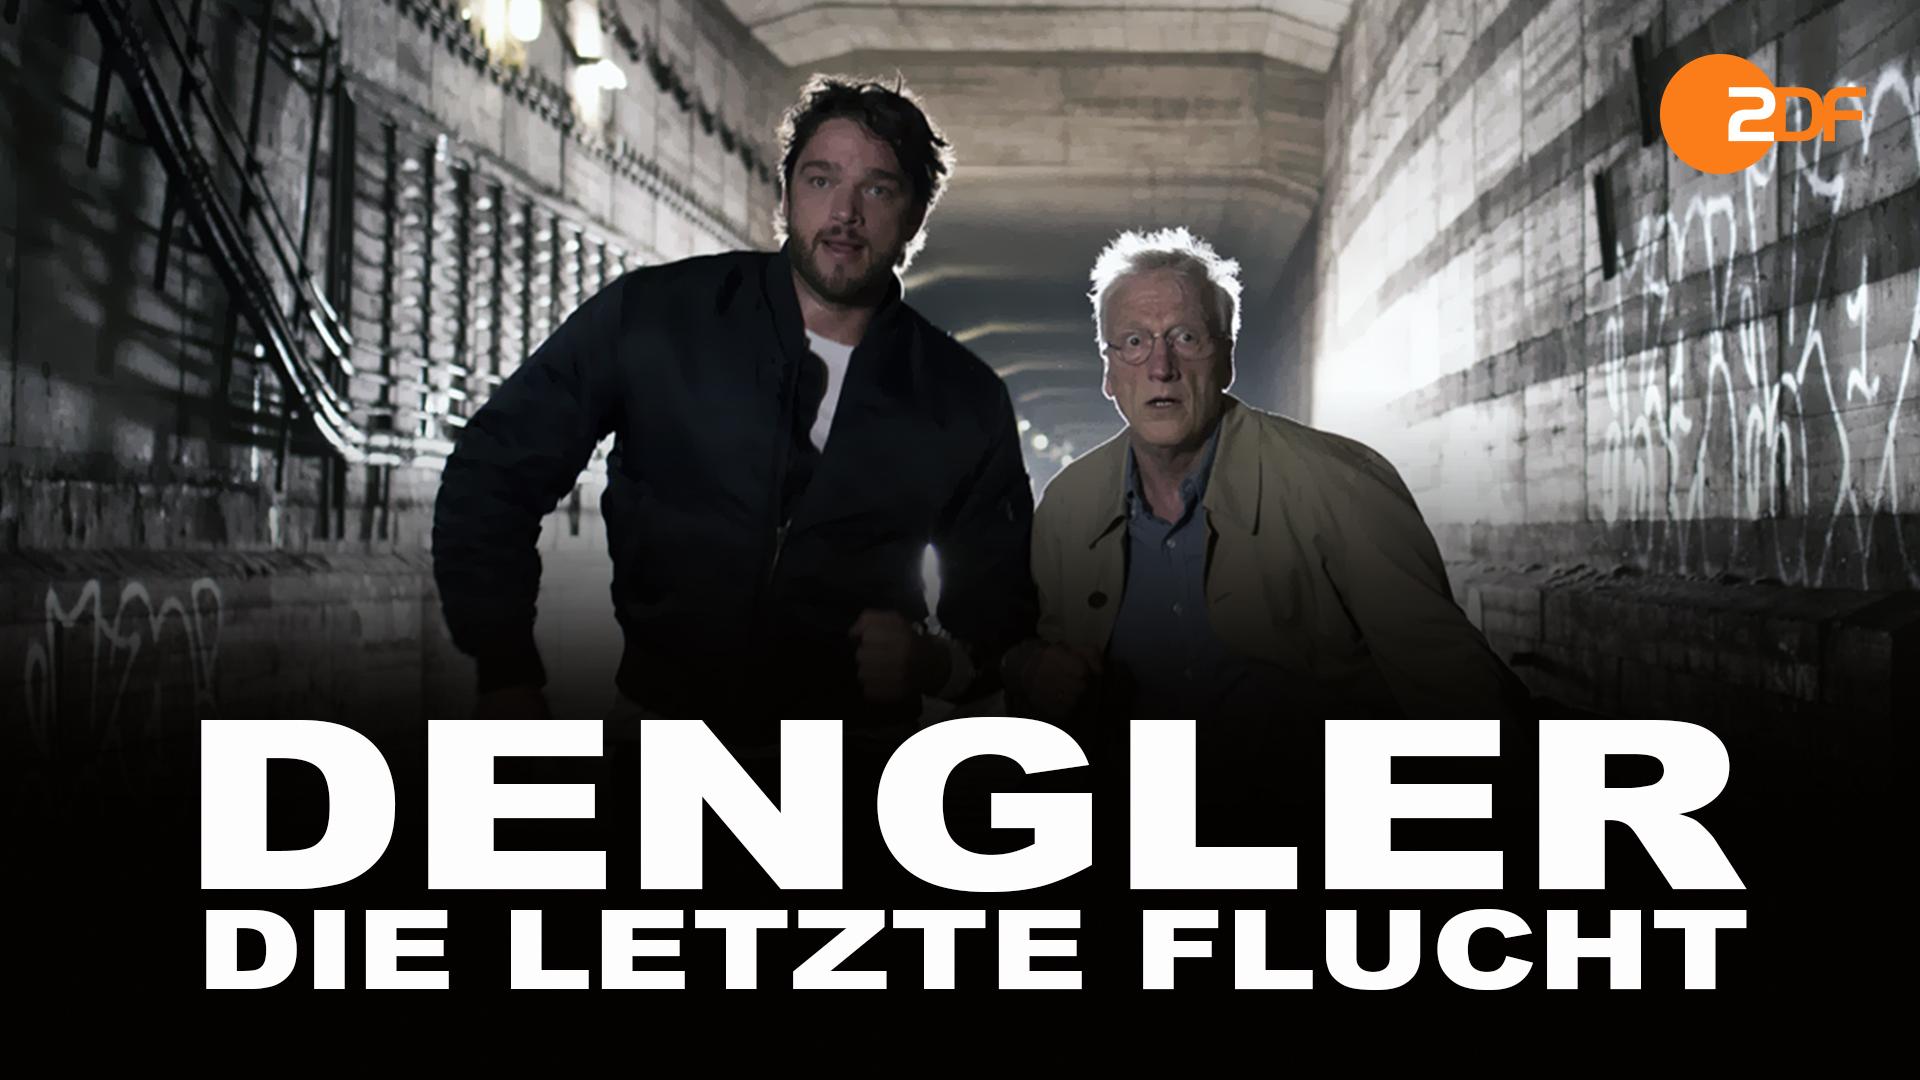 Dengler - Die letzte Flucht